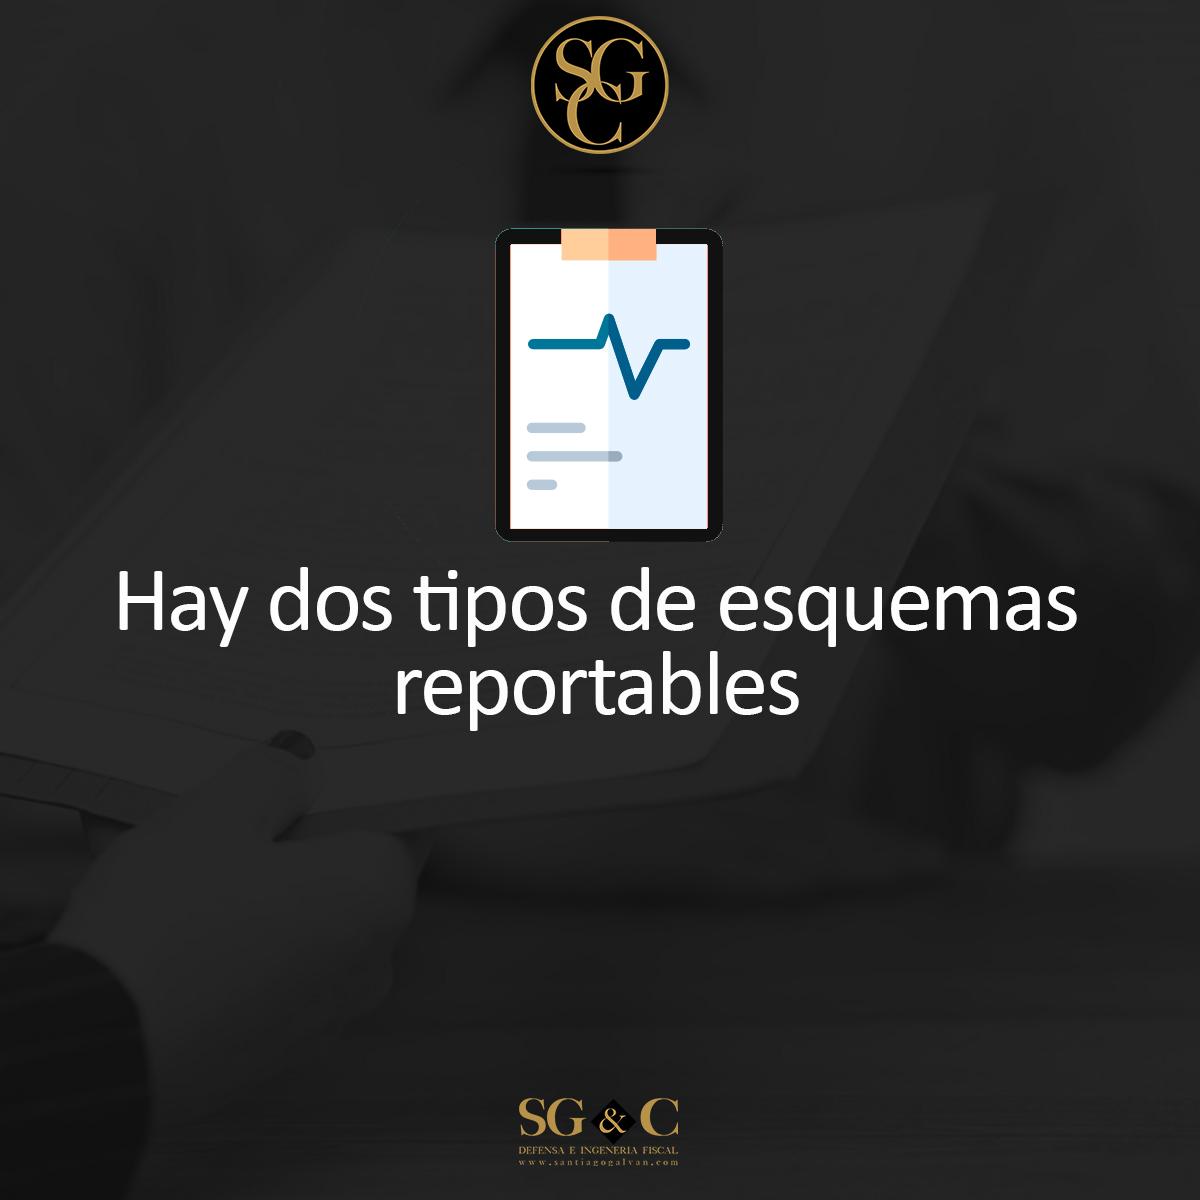 MAS DE LOS ESQUEMAS REPORTABLES